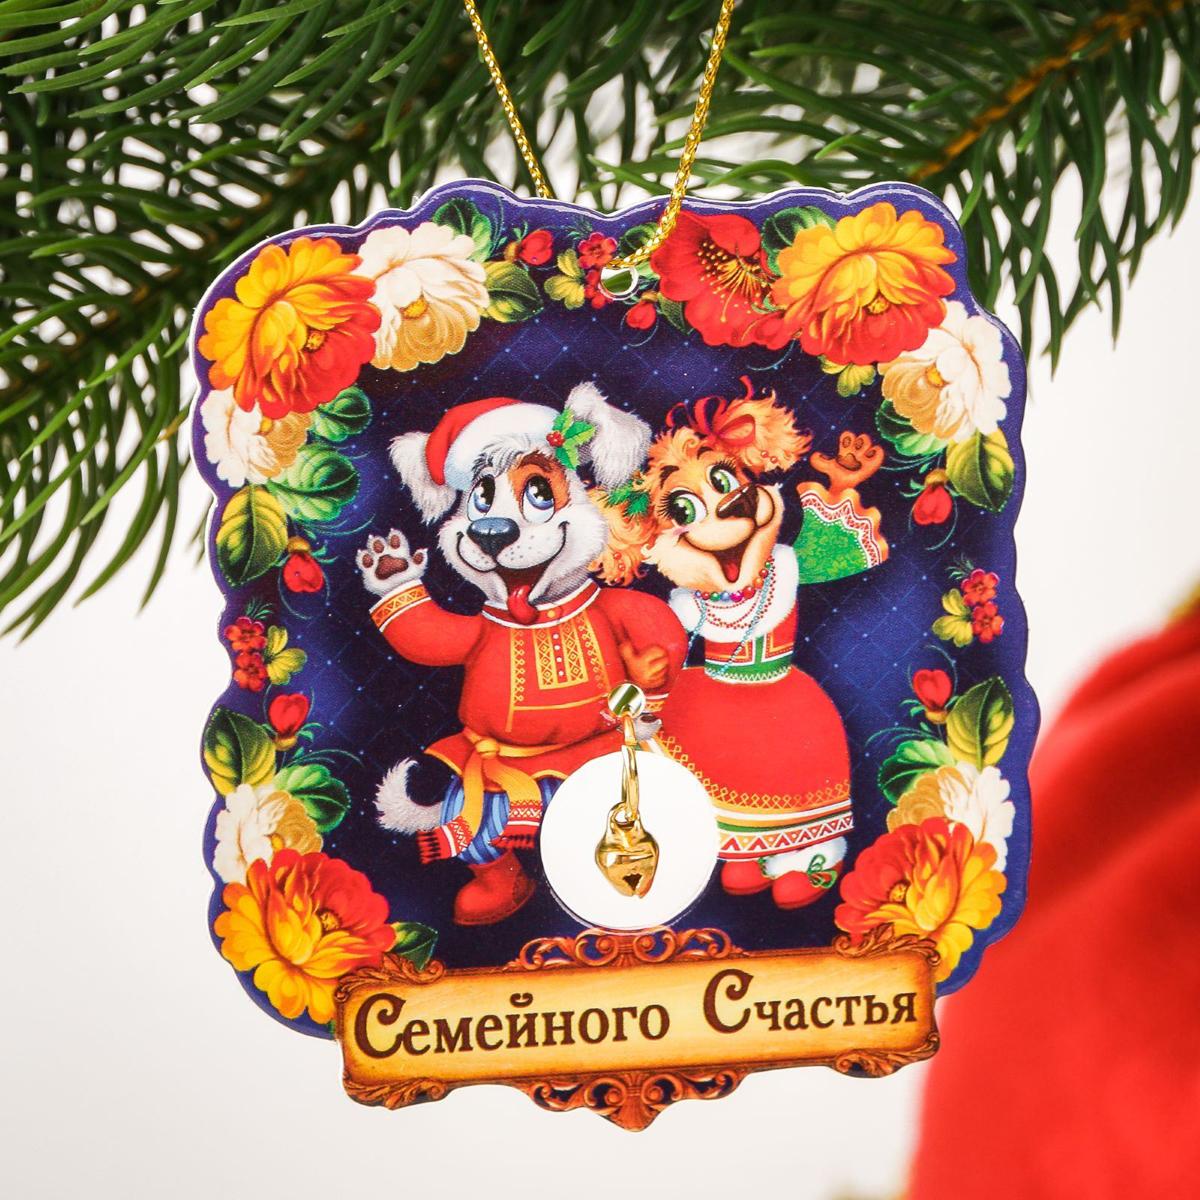 Подвеска на елку Семейного счастья, с колокольчиком, 7,4 х 8,3 см2239827Подвеска на елку Семейного счастья выполнена из картона квадратной формы и декорирована колокольчиком.Как приятно преображать жилище в предвкушении Нового года и Рождества! На вашей новогодней елке обязательно найдется место для этой яркой подвески с бубенчиком. Легкие бумажные украшения не разобьются и будут долгие годы радовать вас оригинальным дизайном.